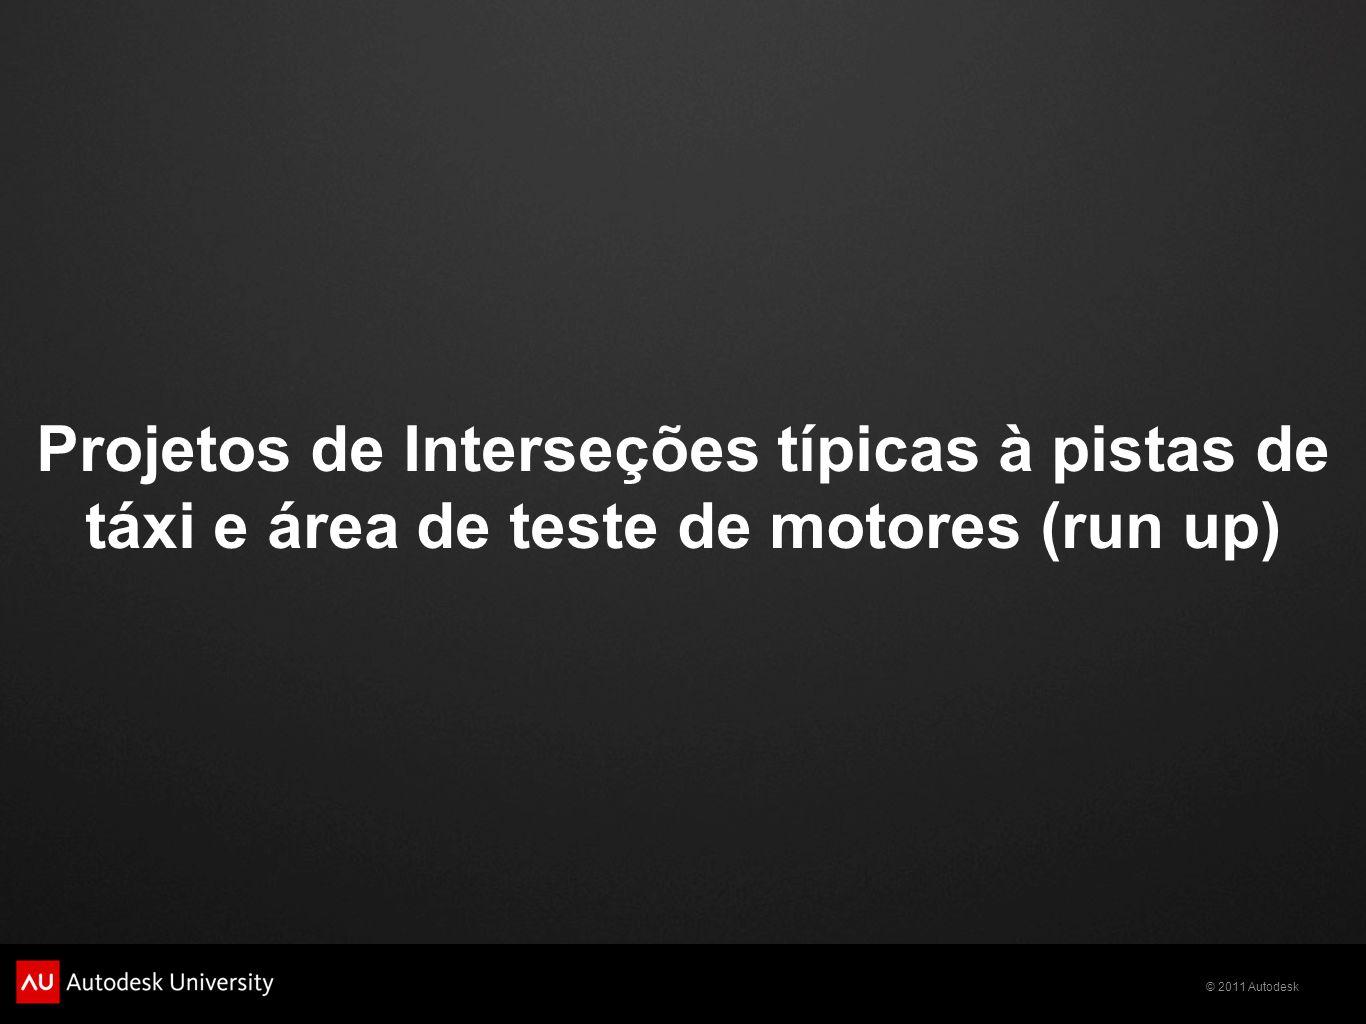 Projetos de Interseções típicas à pistas de táxi e área de teste de motores (run up)